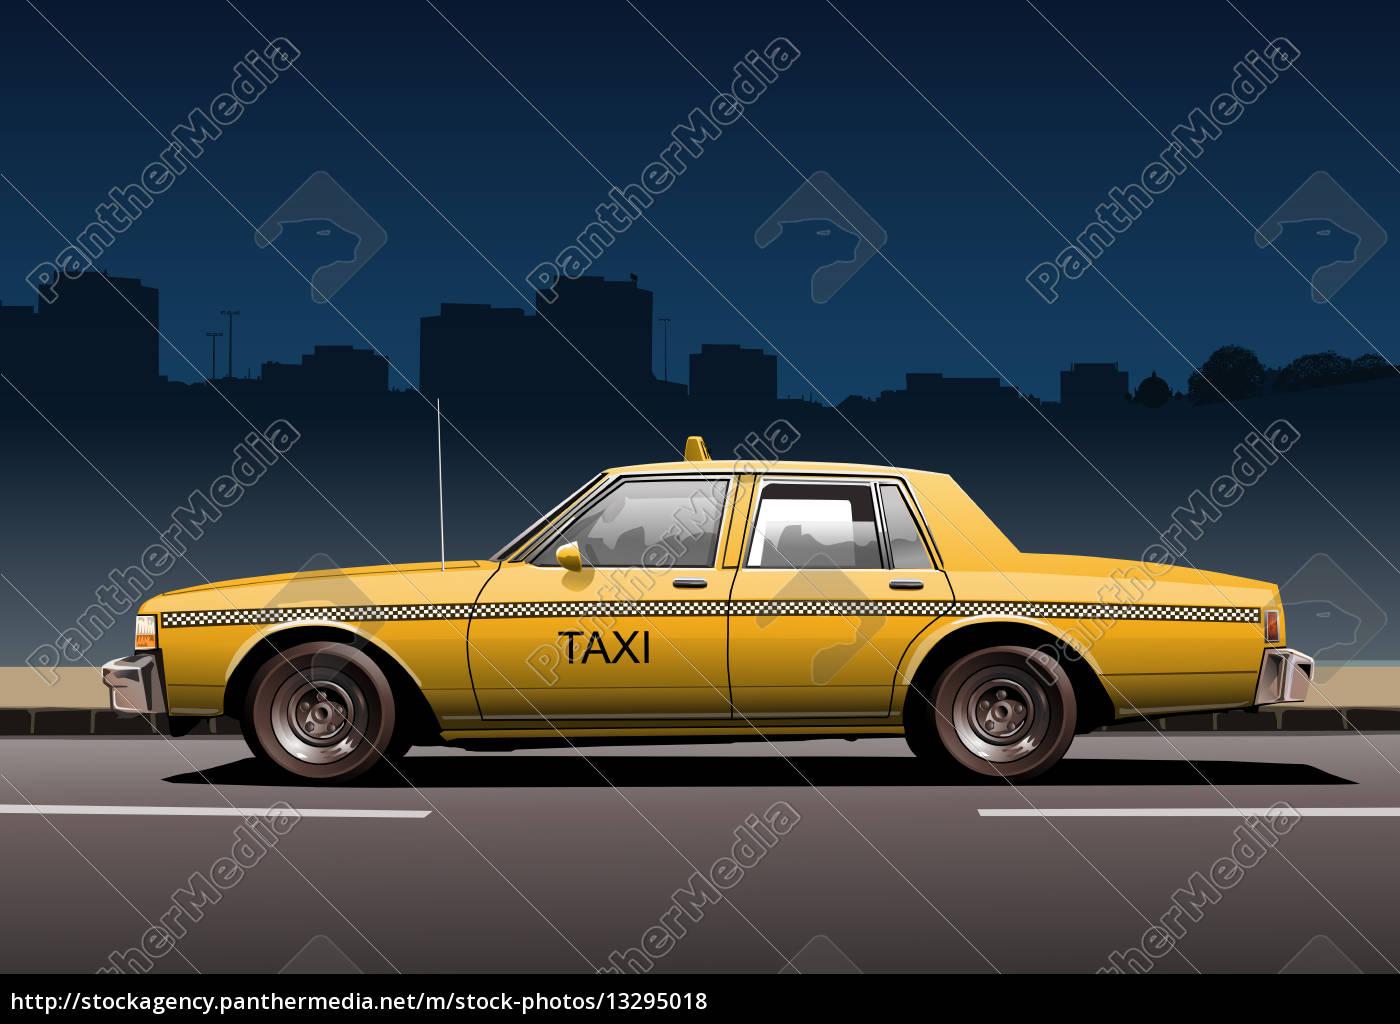 taxi-seite - 13295018